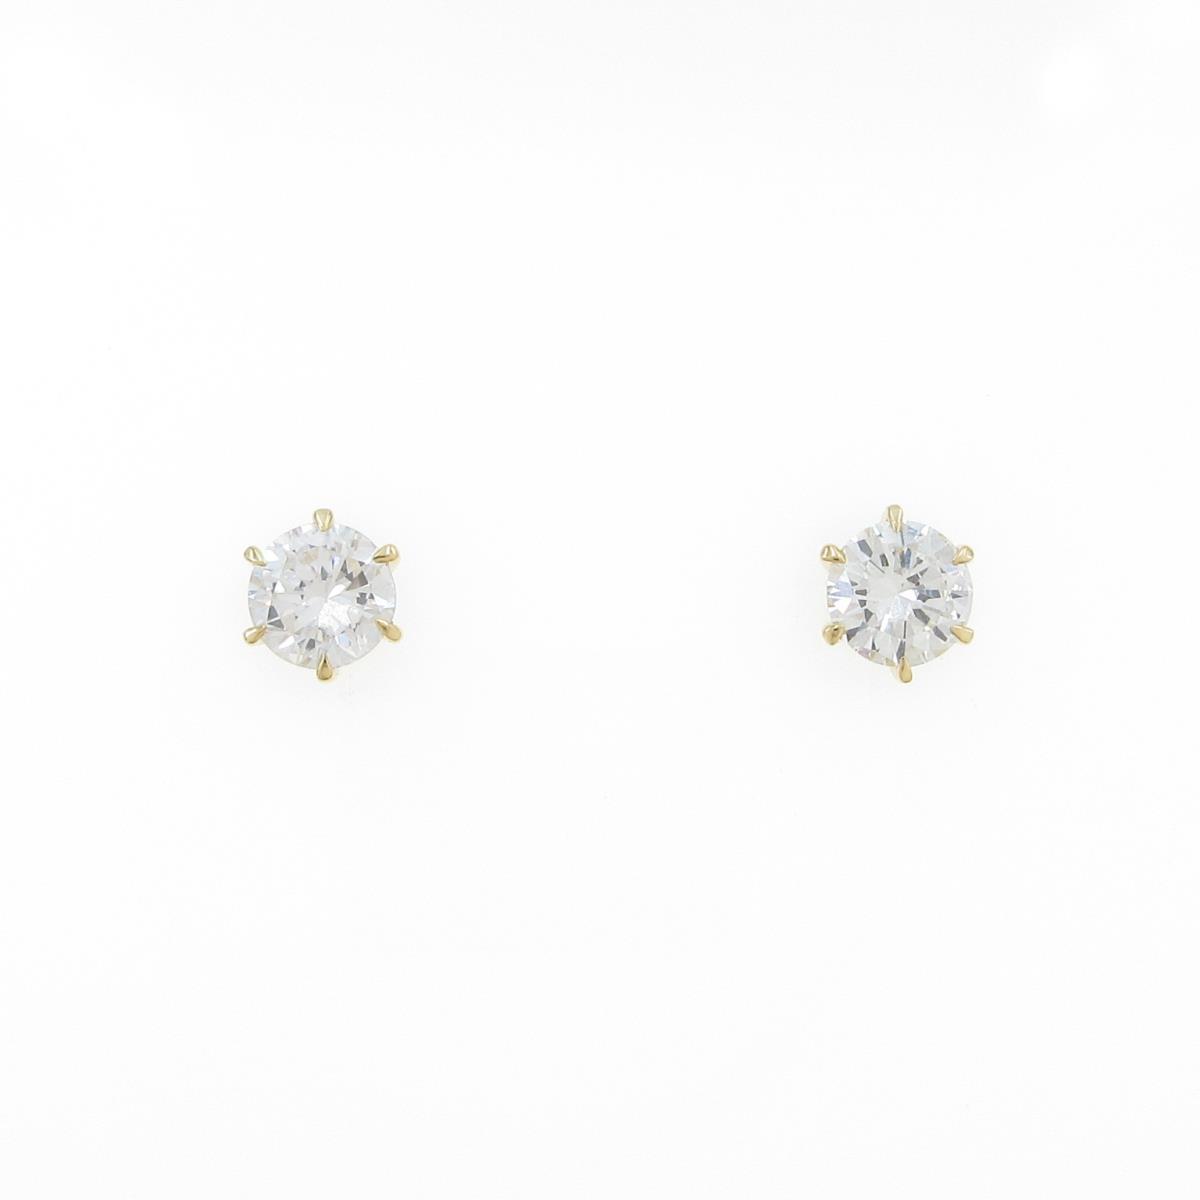 【リメイク】K18YG ダイヤモンドピアス 0.201ct・0.212ct・I・VVS2-VS1・GOOD【中古】